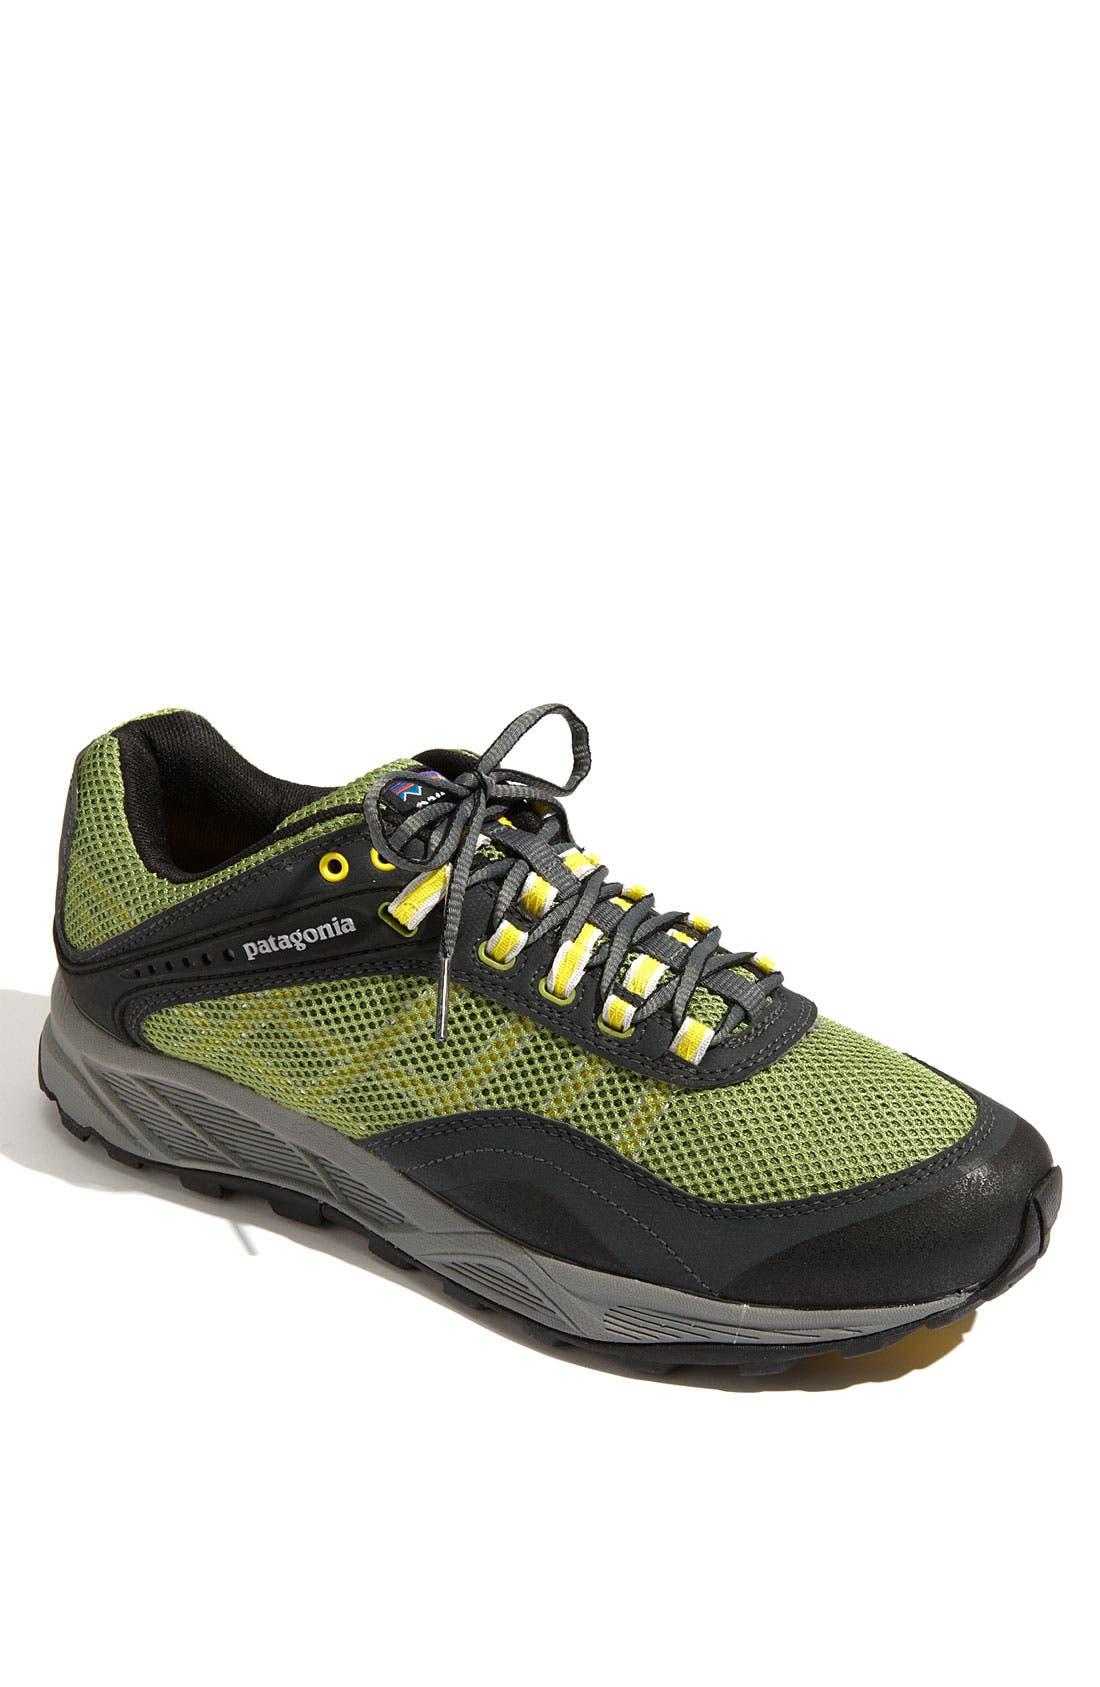 Main Image - Patagonia 'Specter' Trail Running Shoe (Men)